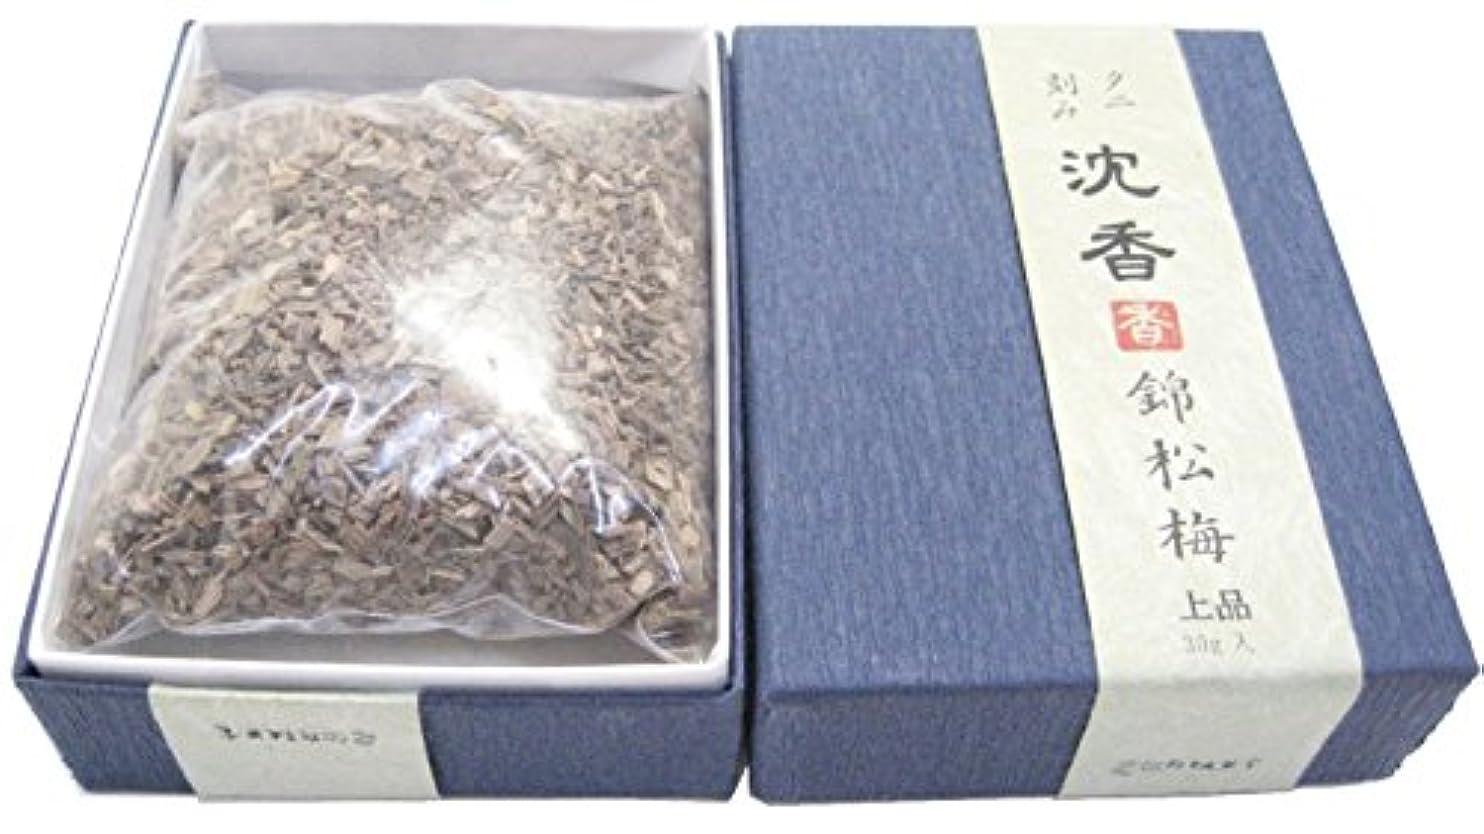 調子薬を飲むきれいに淡路梅薫堂のお香 上品タニ沈香錦松梅 30g #954 刻み お焼香